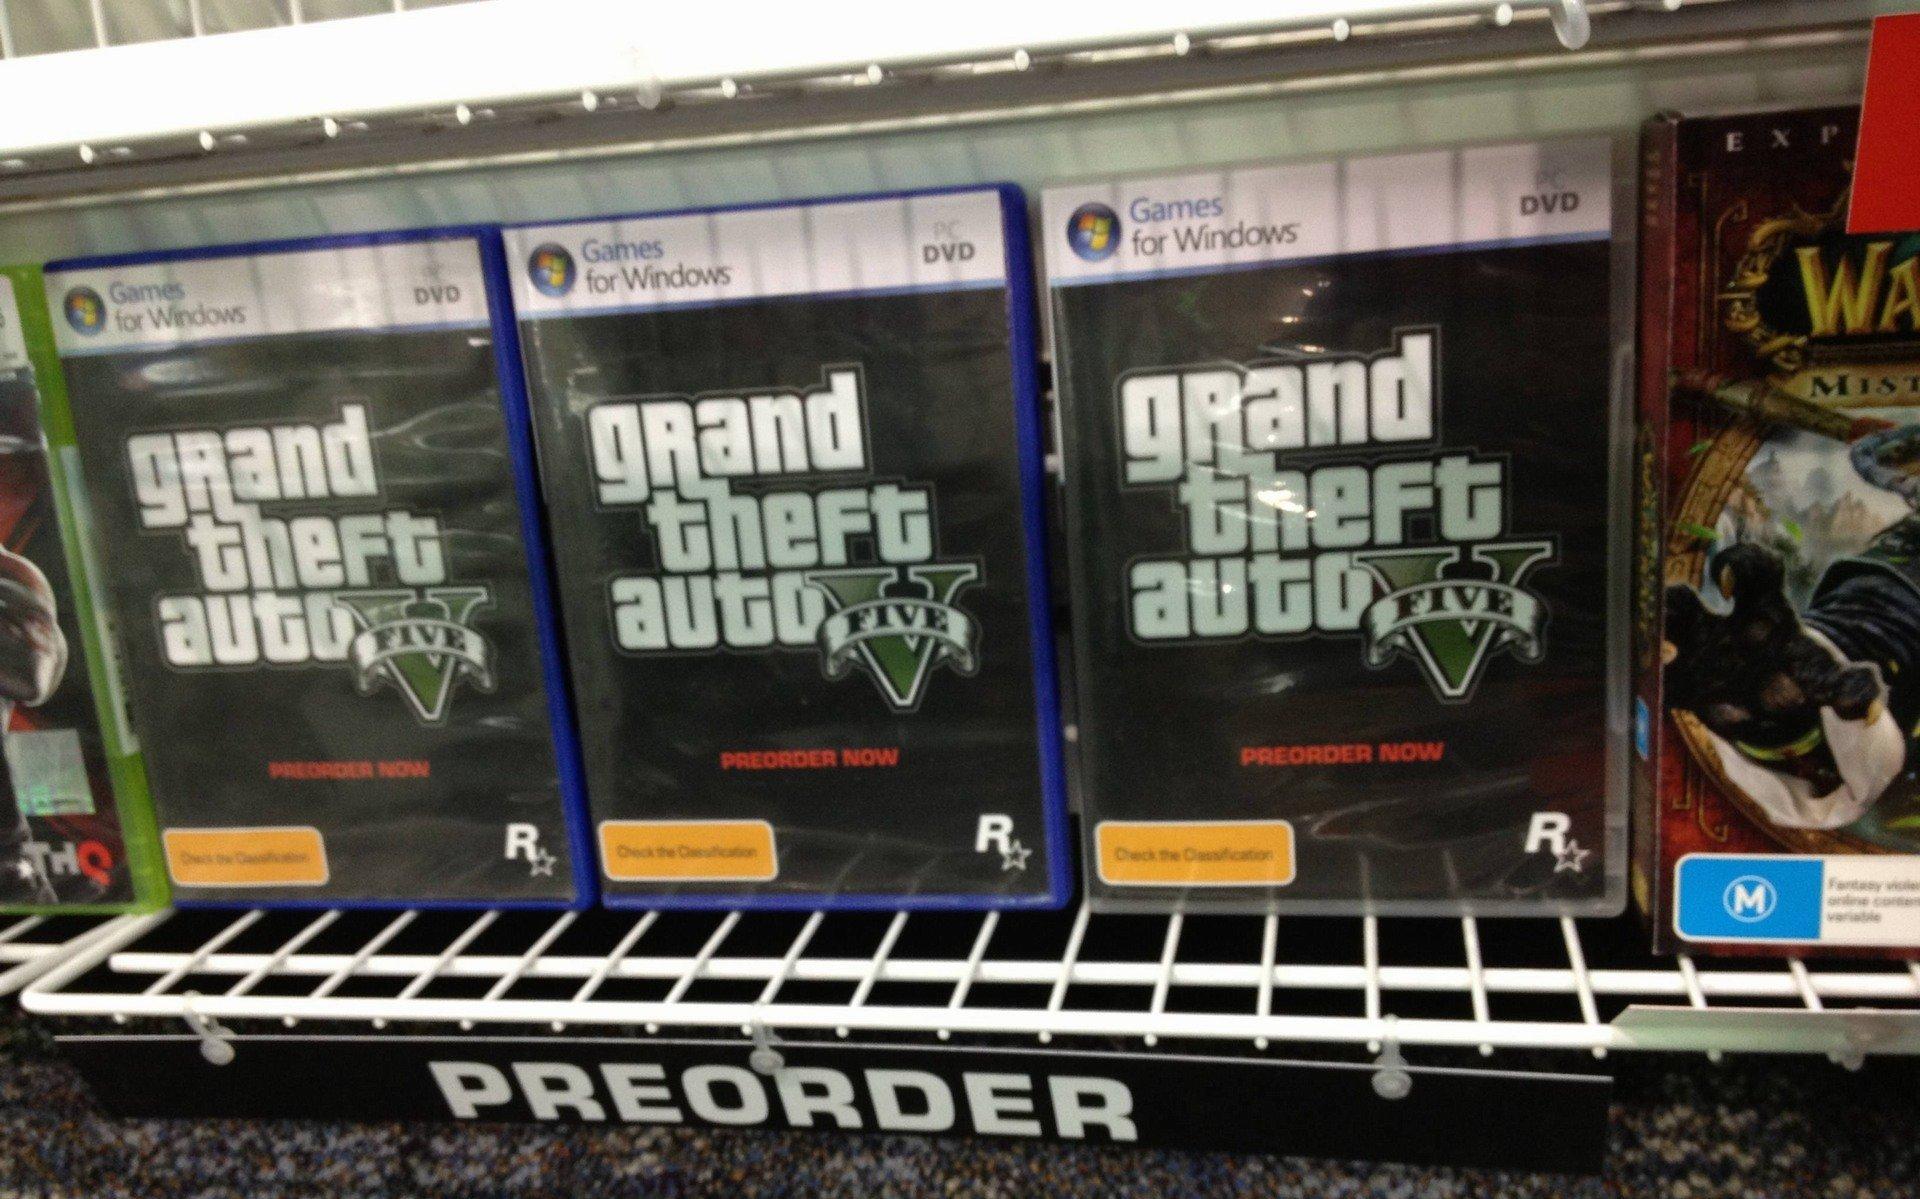 Рекомендуемые системные требования для не до конца анонсированной PC версии GTA 5 - Intel Core 2 Quad с тактовой чис ... - Изображение 2